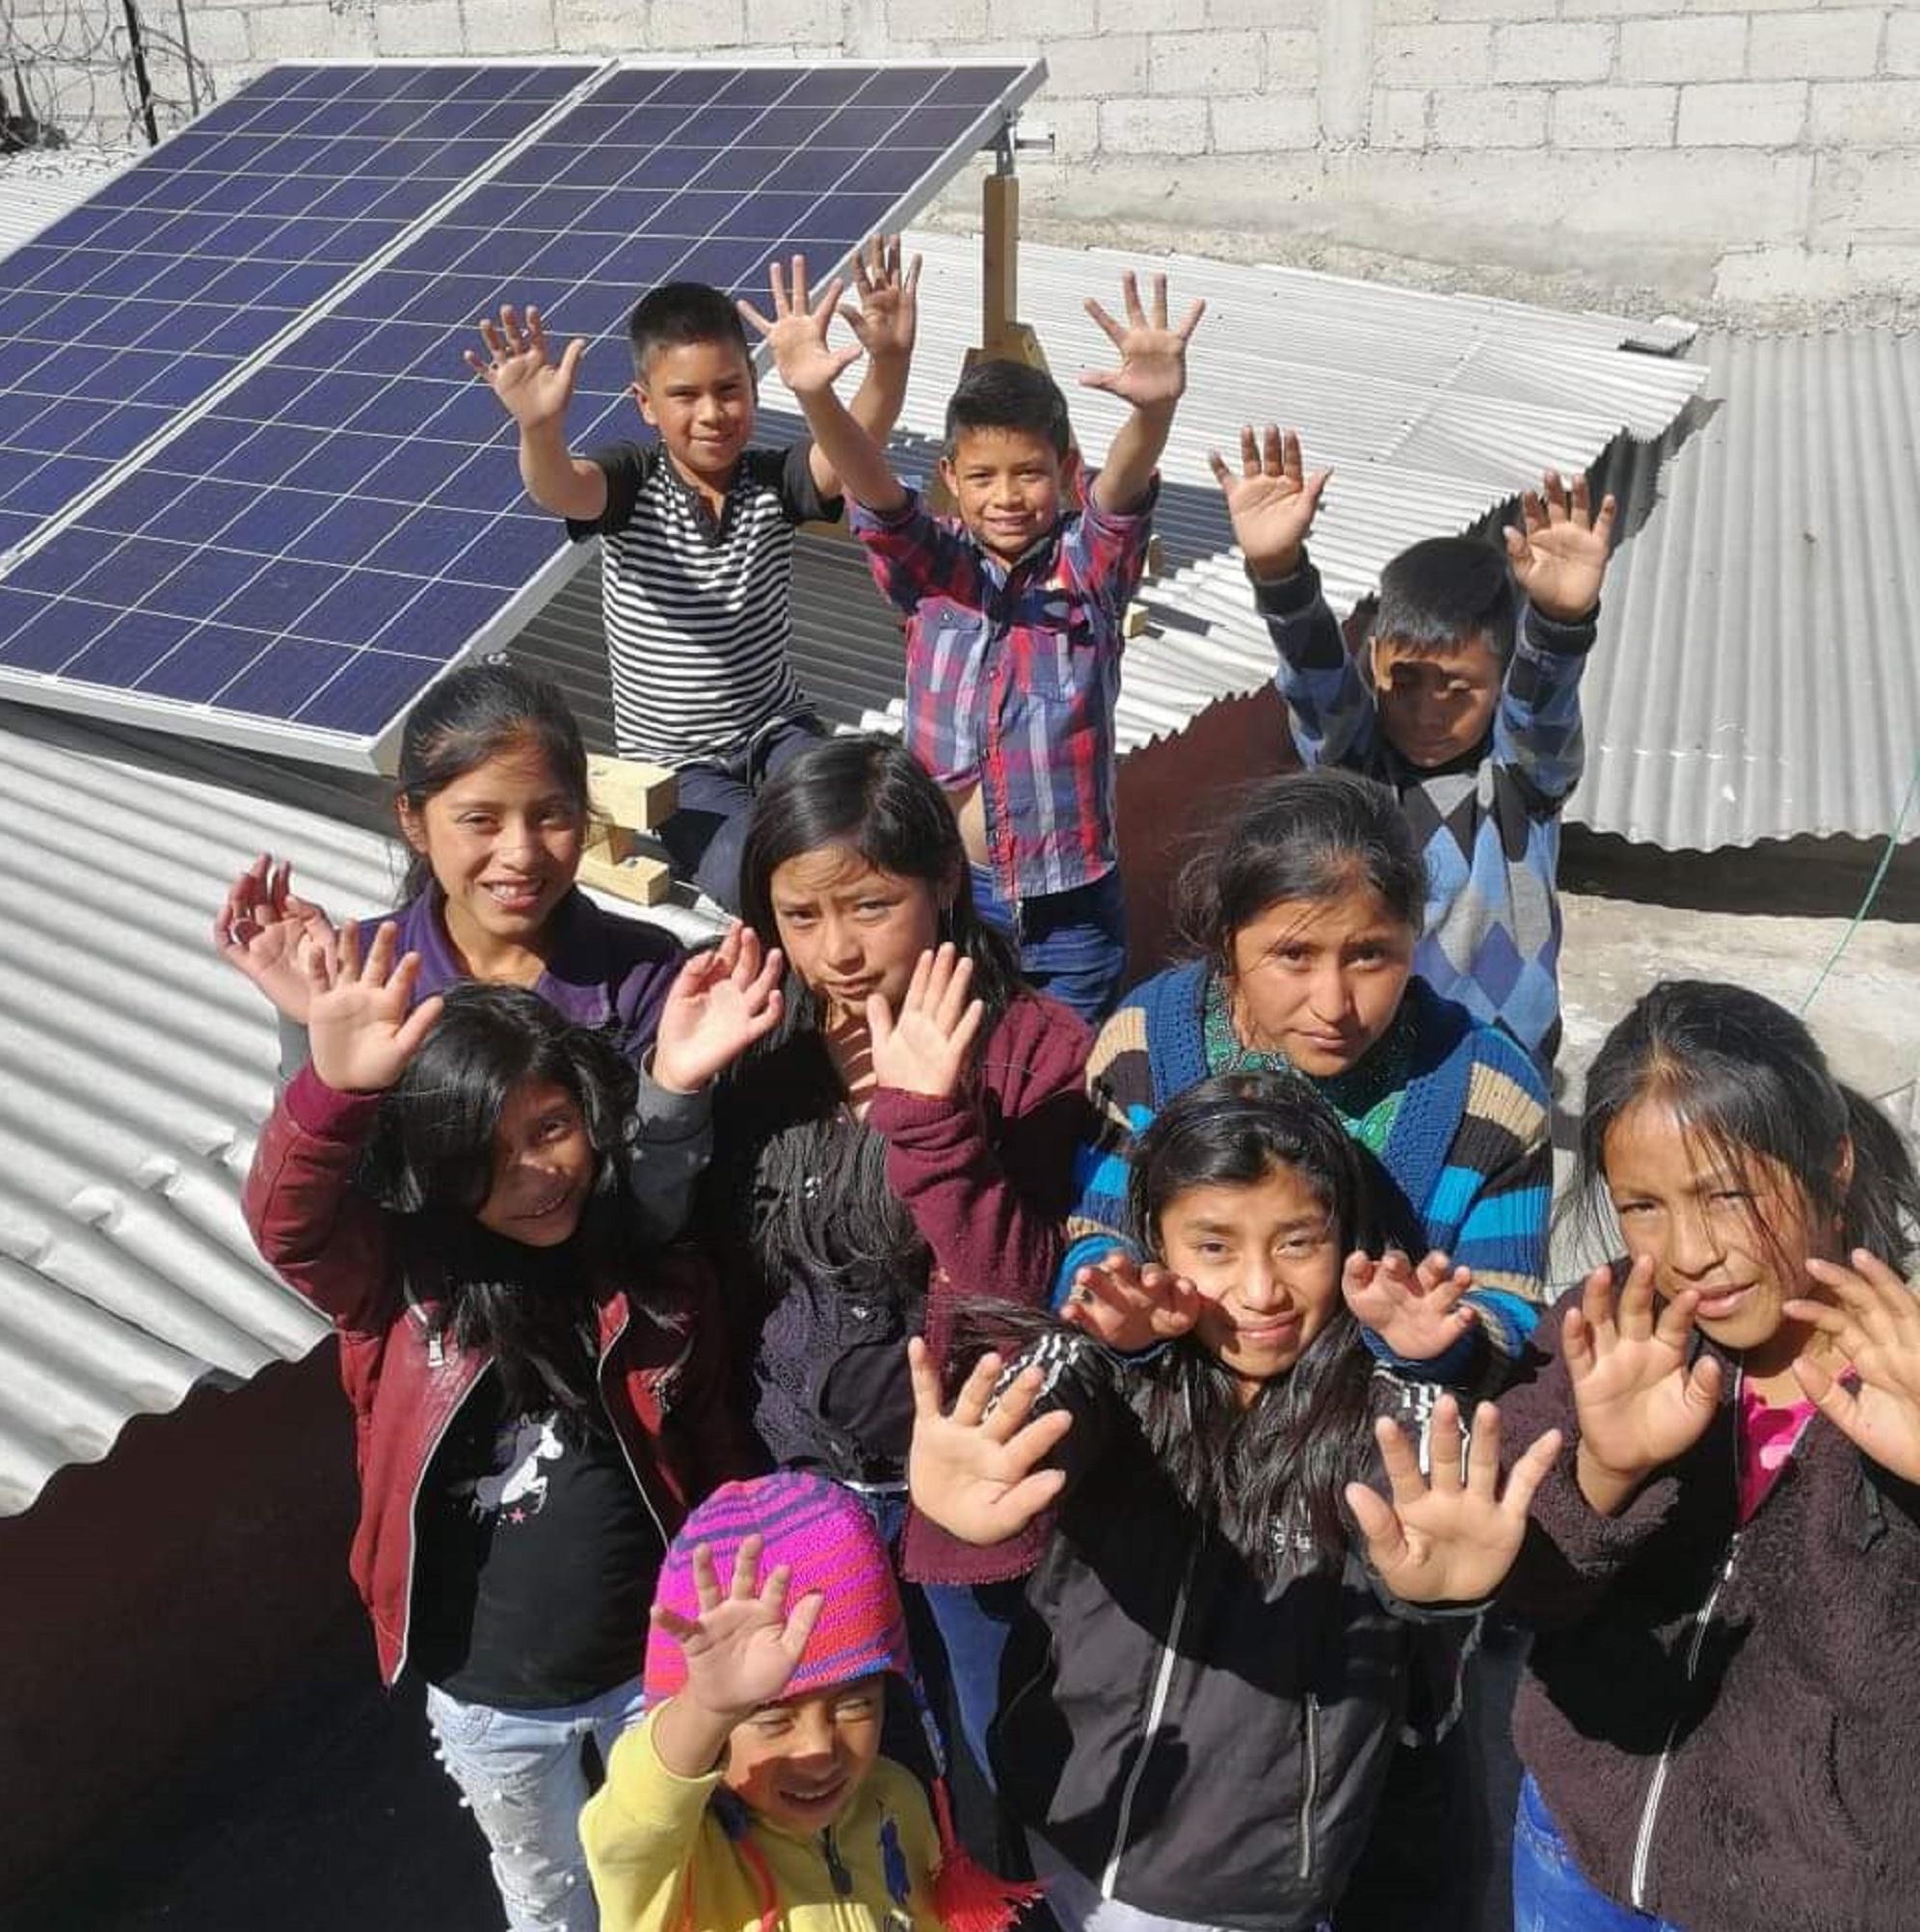 Las tecnologías solares nos ayudan a educar a los niños